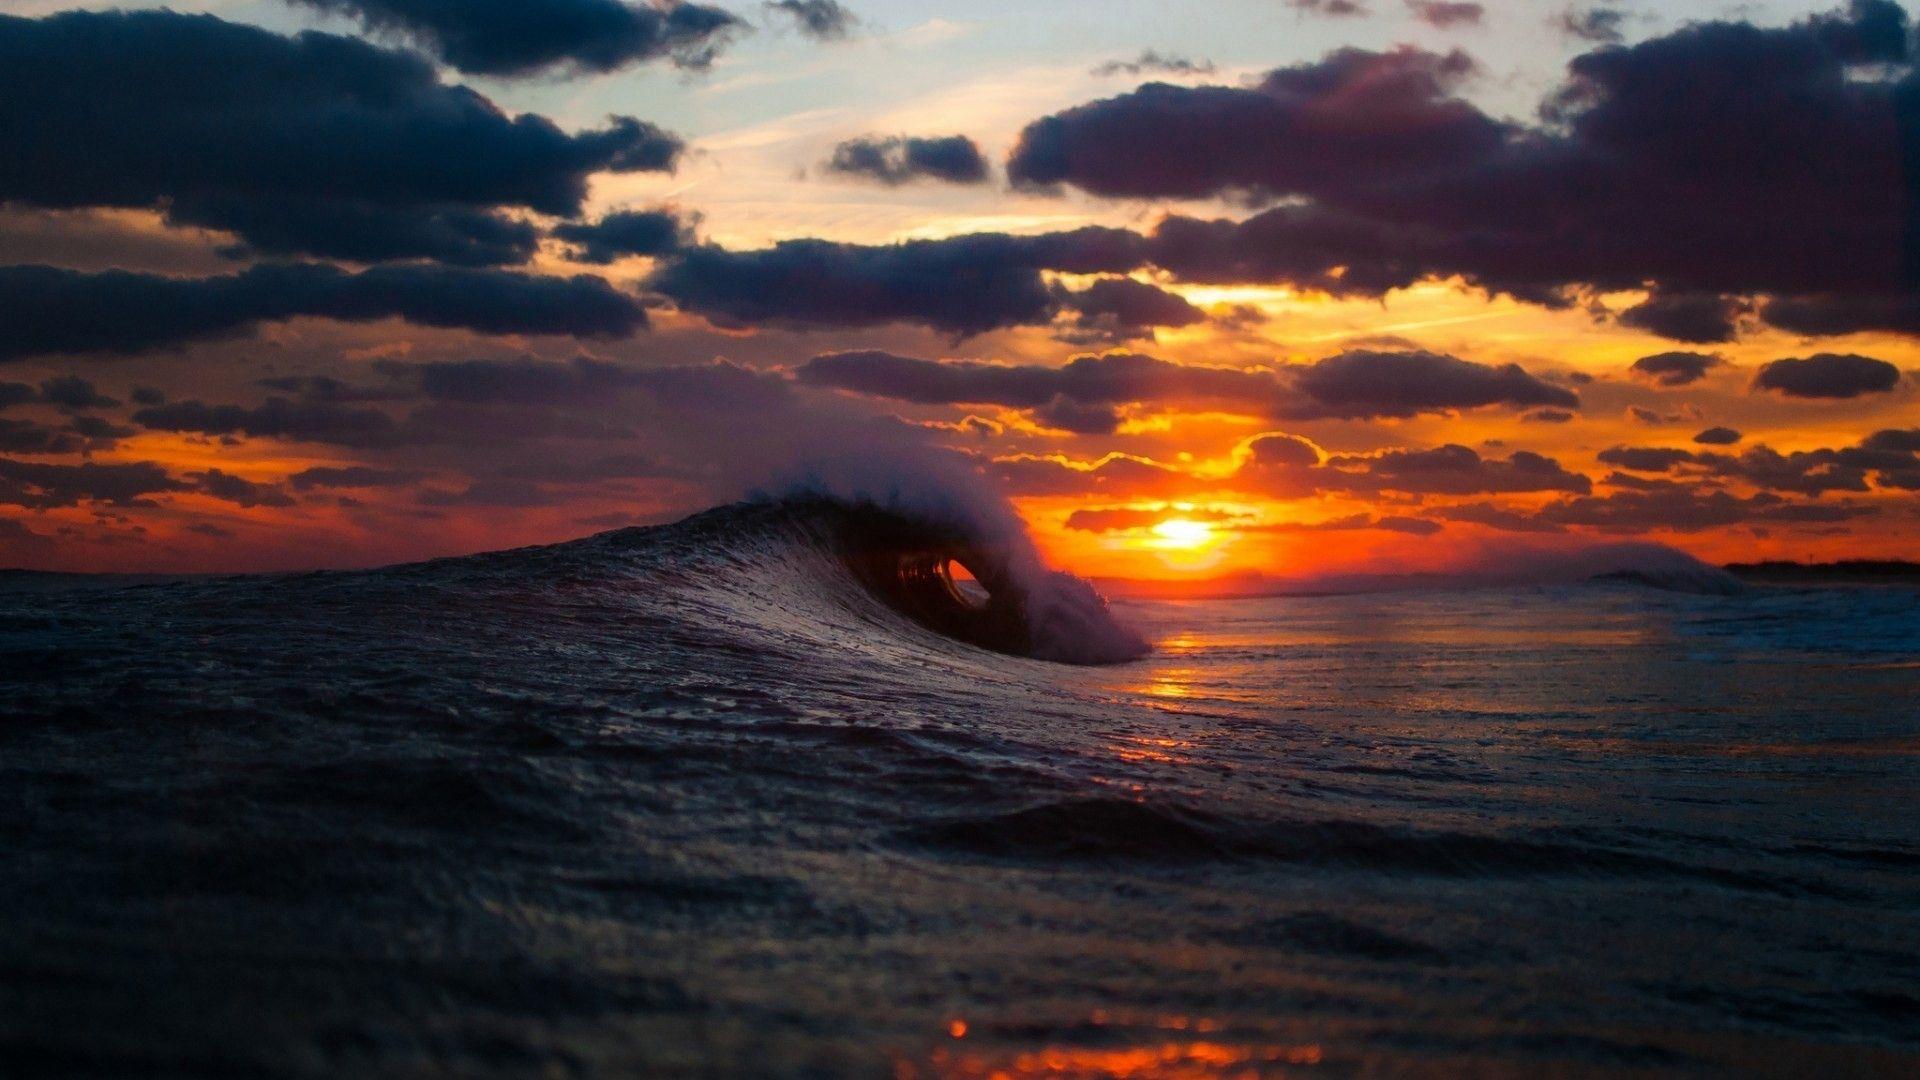 An Awesome Sunset Follow Me Cooliphone6case On Twitter Facebook Google Instagram Linkedin Blogger Youtu Atardecer Mar Paisaje Atardecer Paisaje Para Pintar